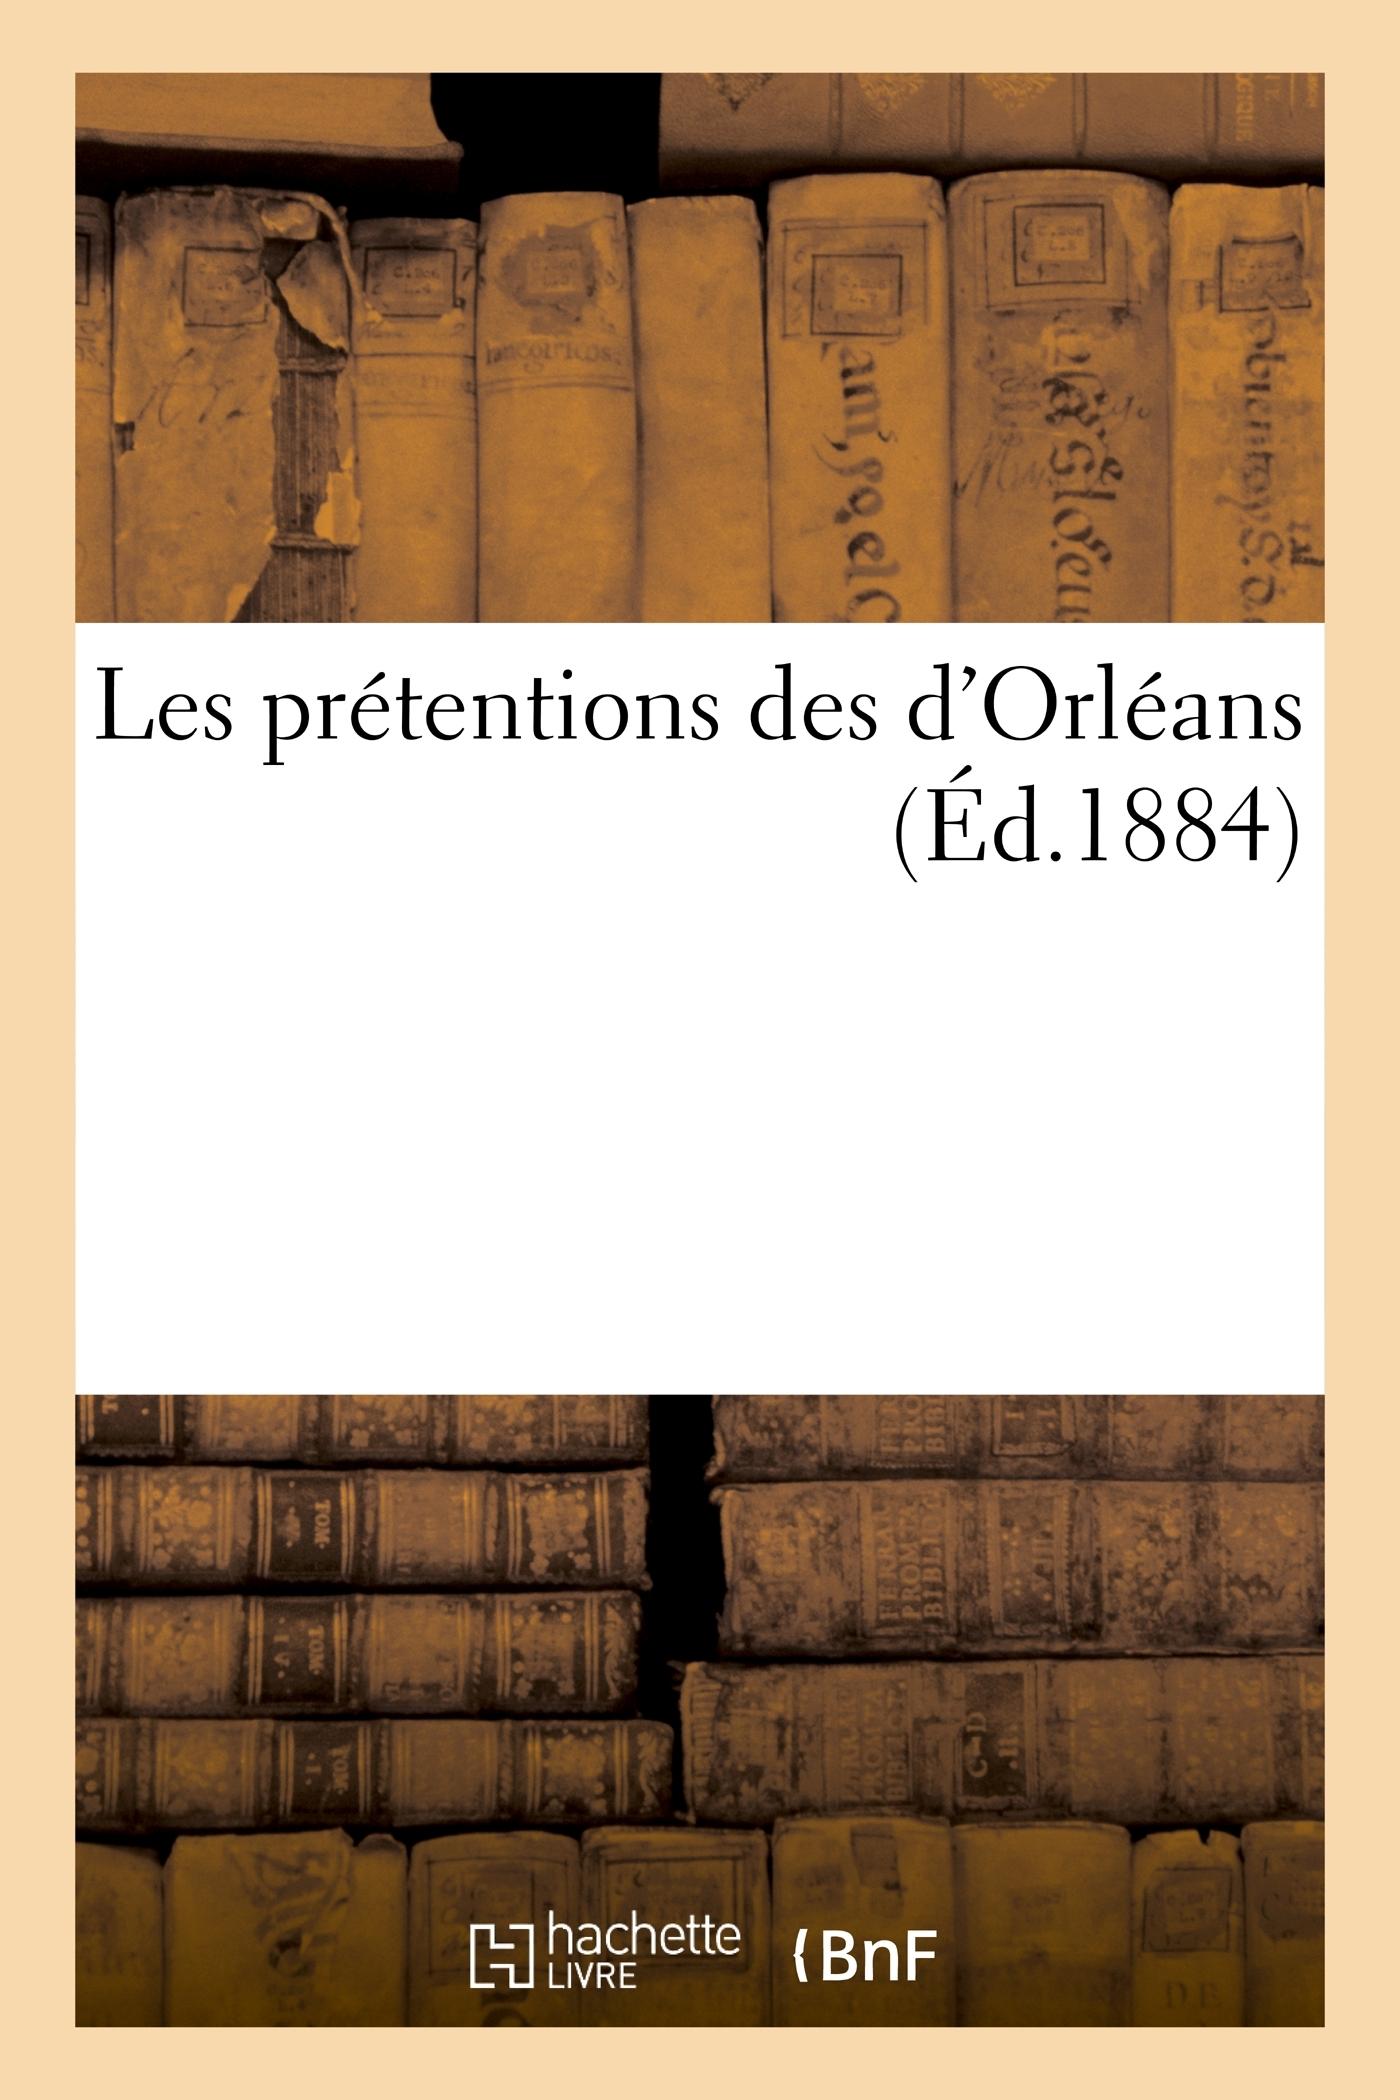 LES PRETENTIONS DES D'ORLEANS